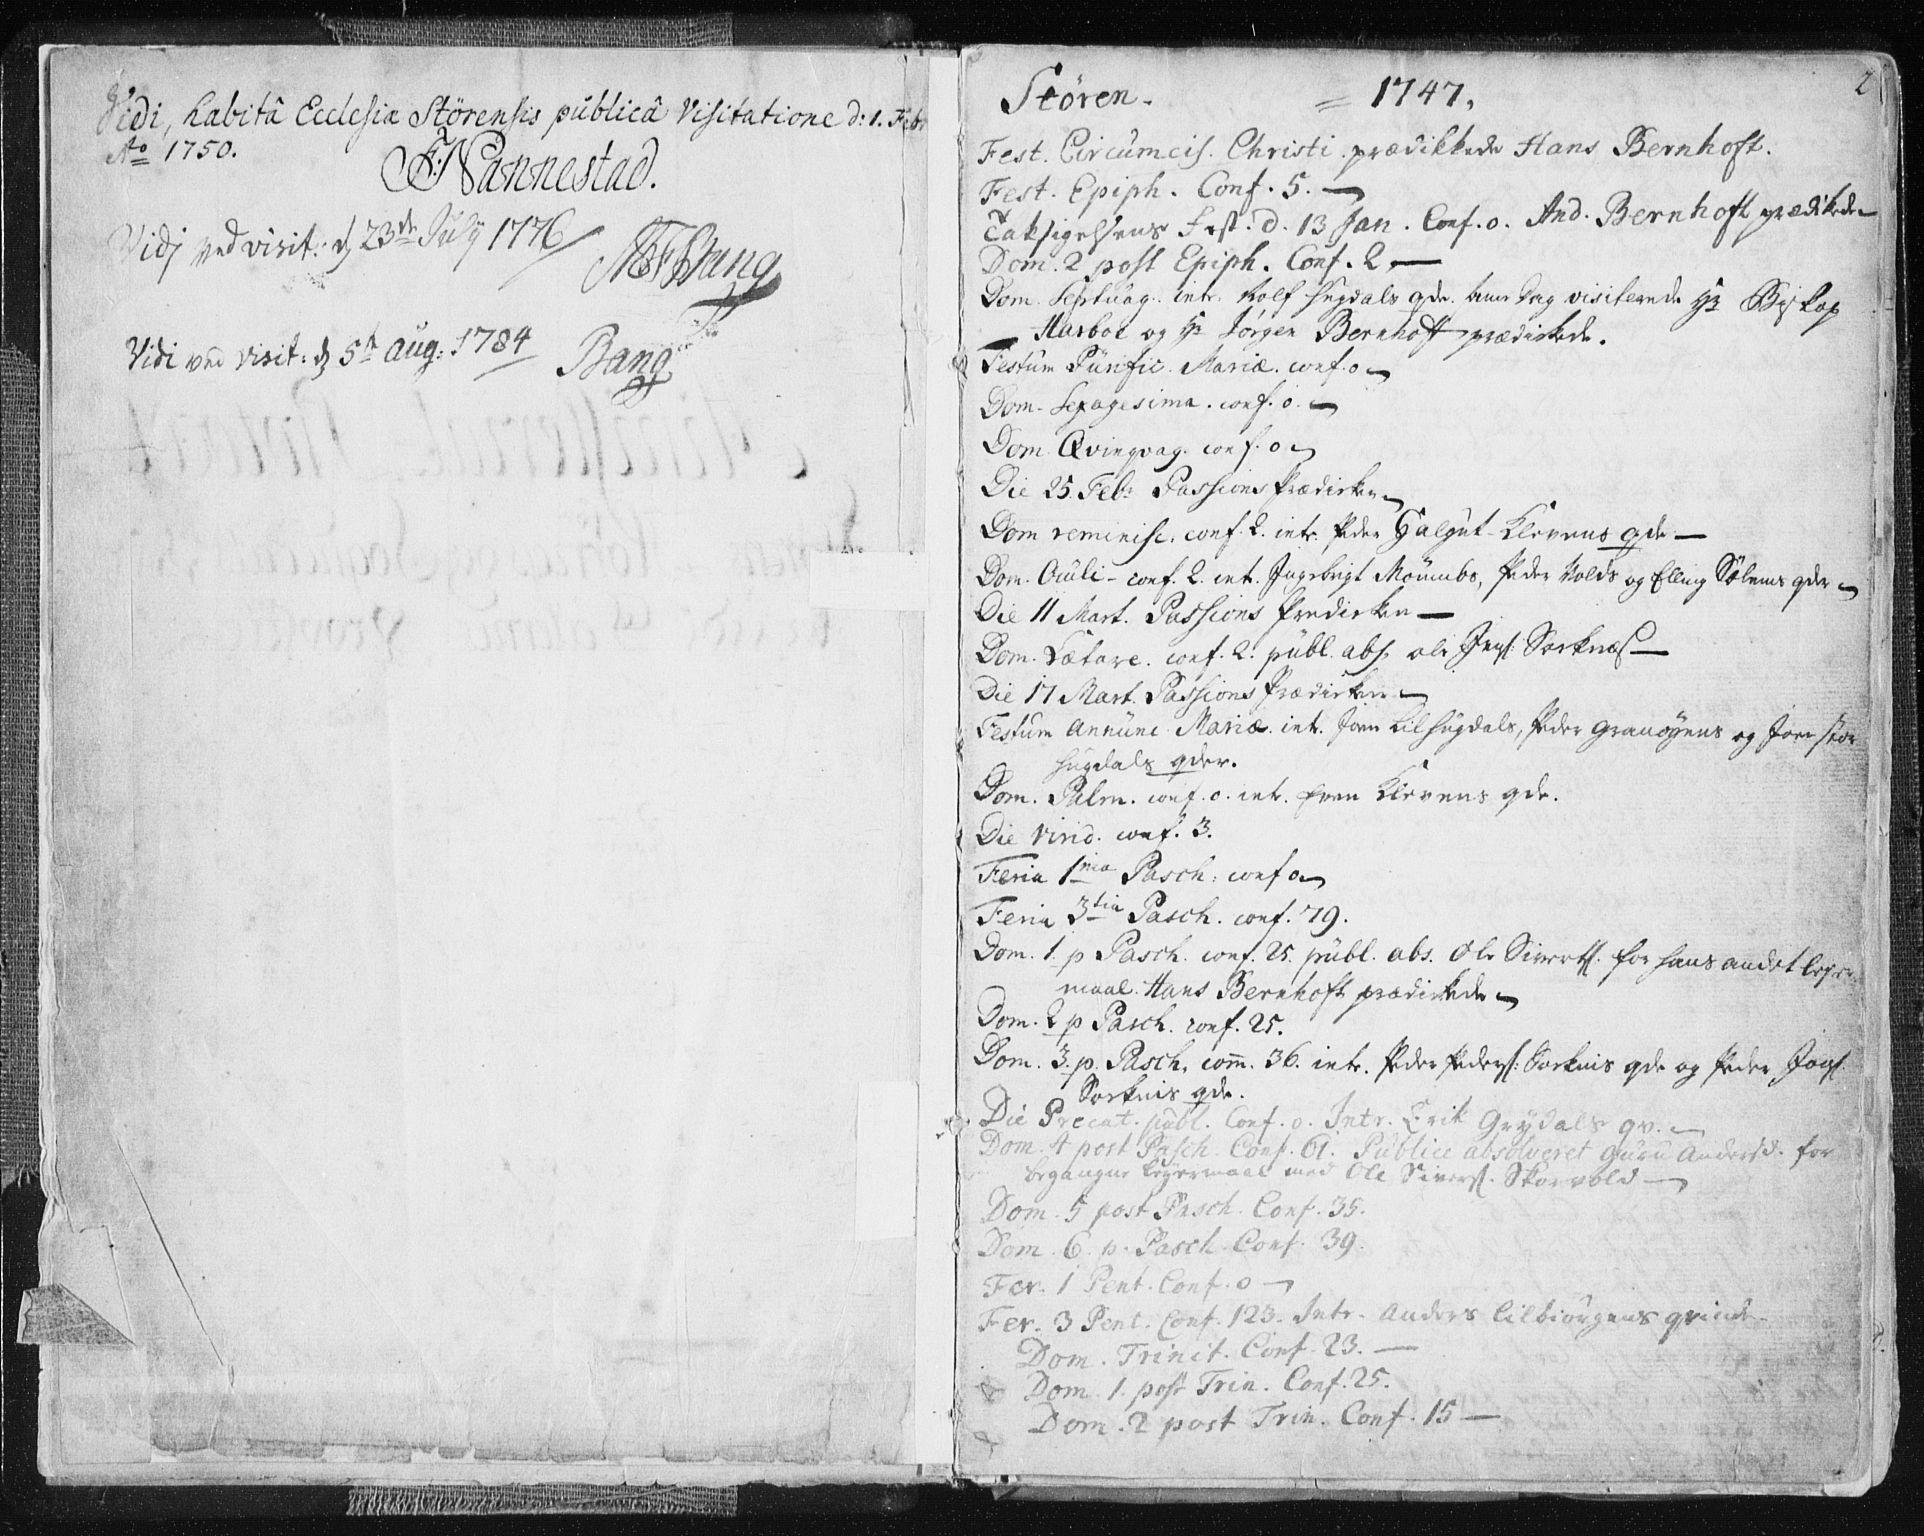 SAT, Ministerialprotokoller, klokkerbøker og fødselsregistre - Sør-Trøndelag, 687/L0991: Ministerialbok nr. 687A02, 1747-1790, s. 2